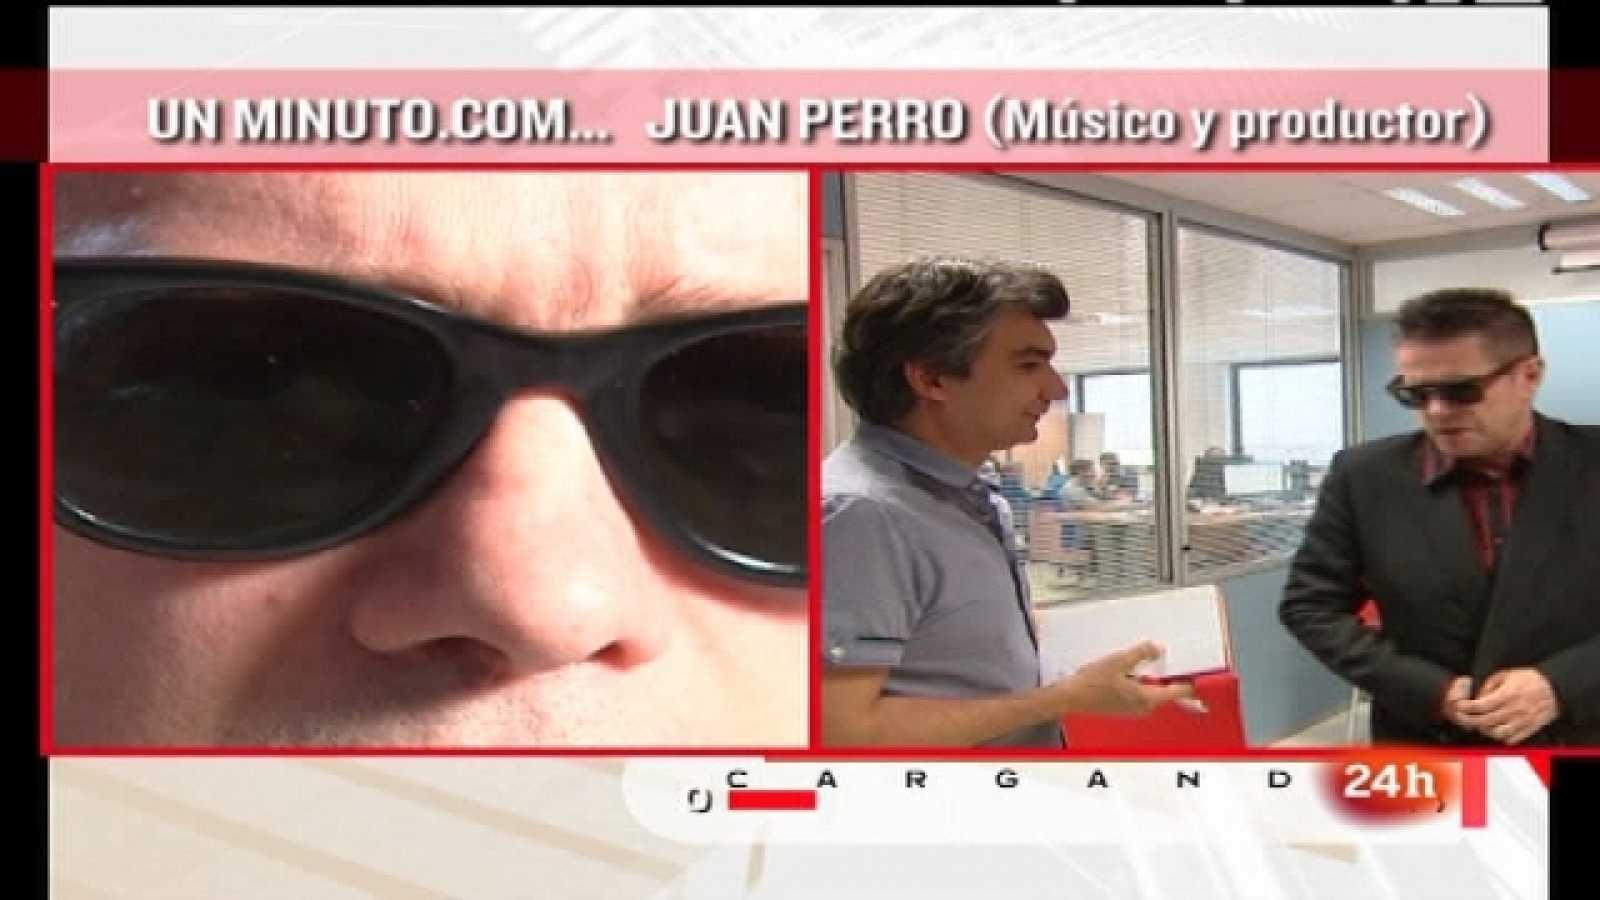 Cámara Abierta 2.0: Abel Martínez (Offf Madrid), Filmin.es, Read Write Web y Juan Perro  (28/05/11)